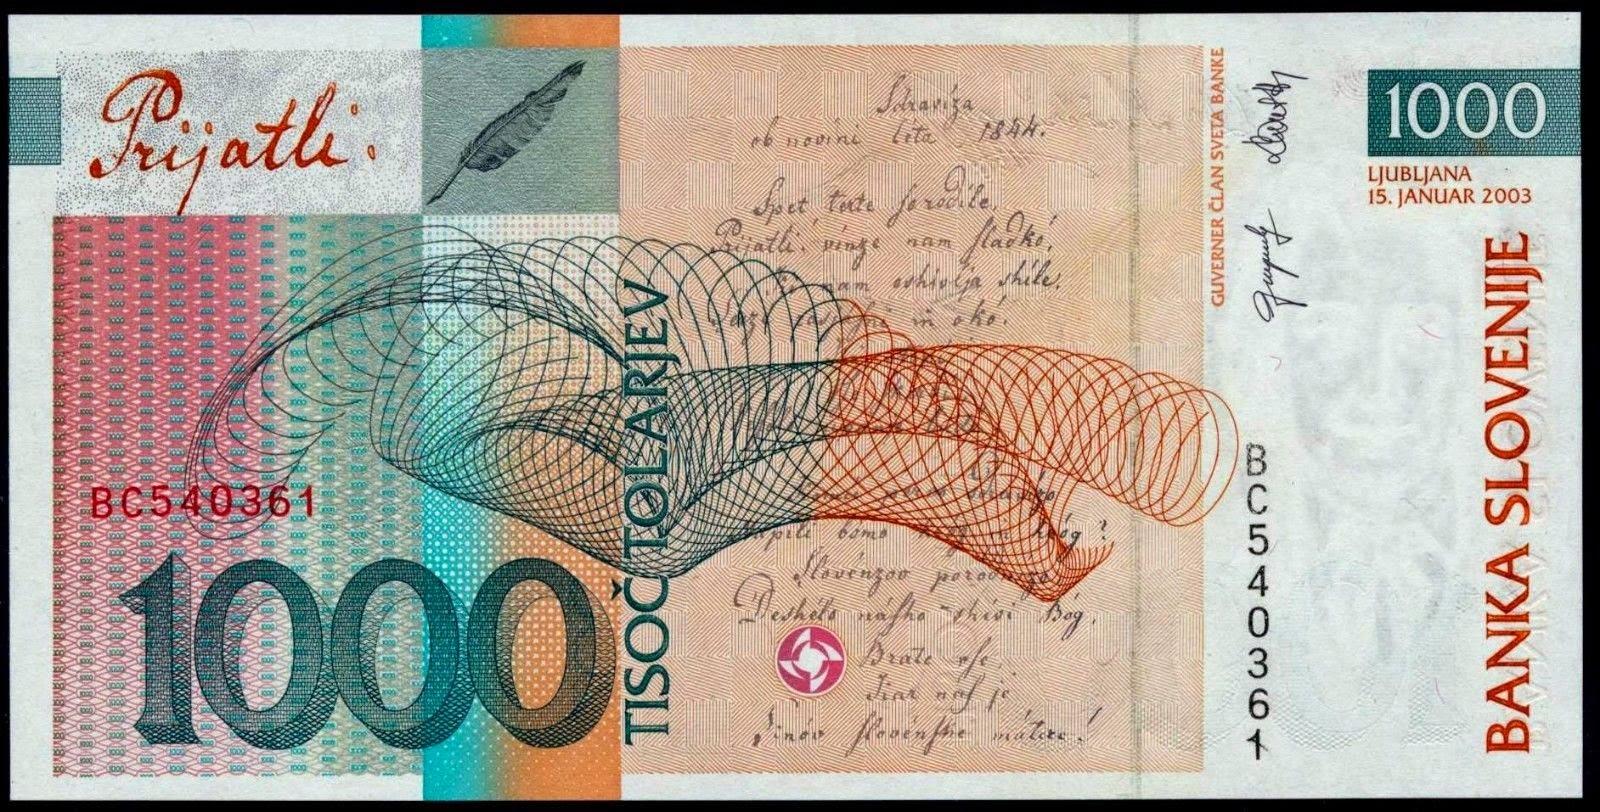 Slovenian tolar currency banknotes 1000 tolarjev